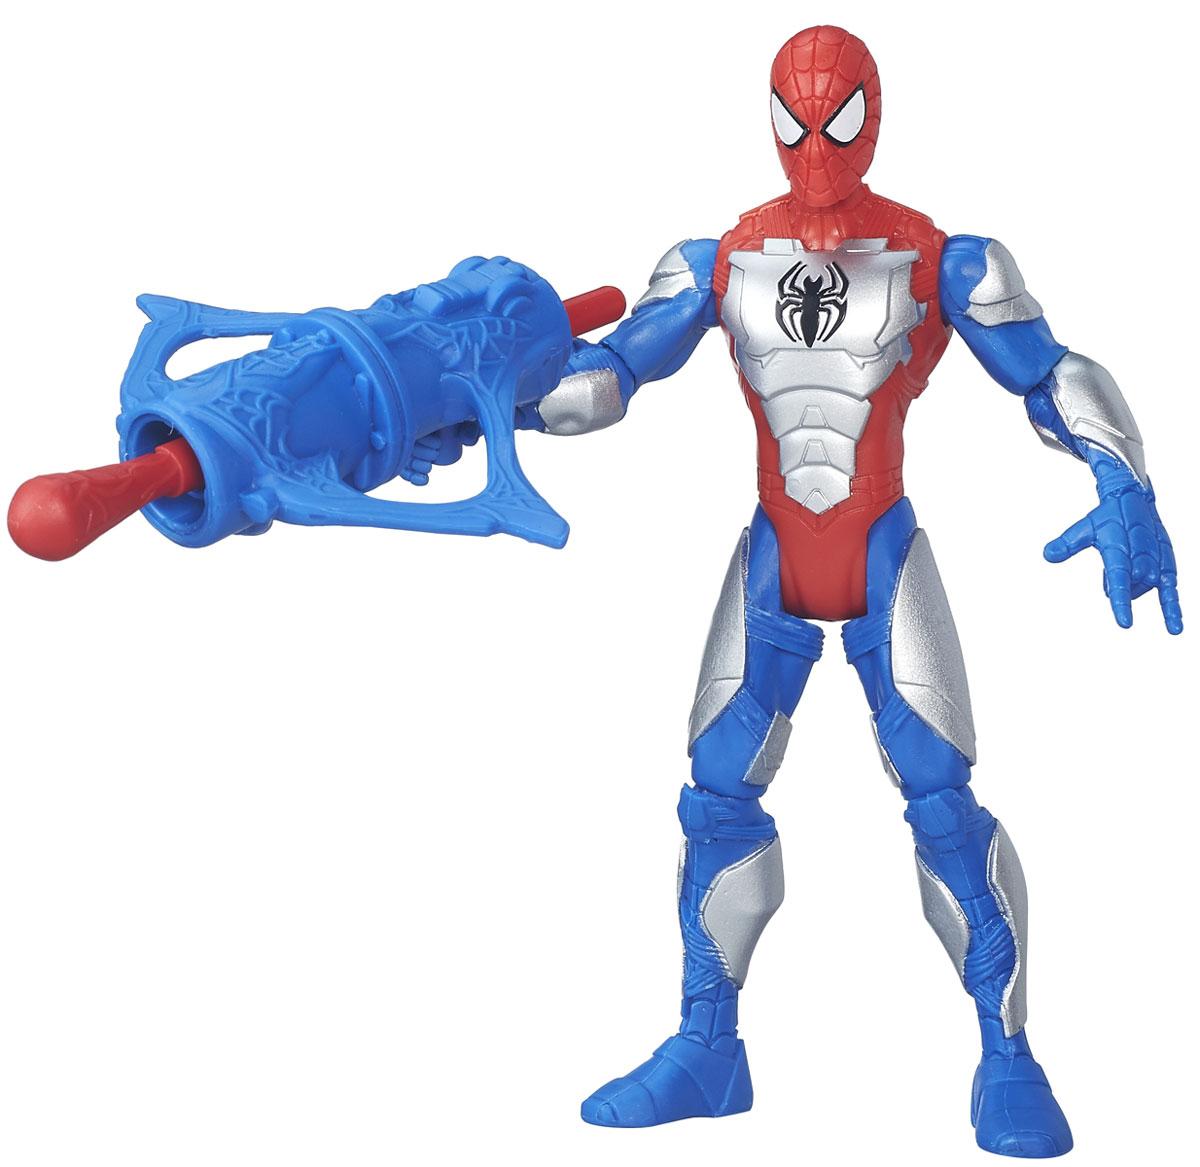 Spider-Man Фигурка Человек-паук в бронеB5758_B5876Фигурка Spider-man Человек-паук в броне порадует любого поклонника знаменитой вселенной Marvel. Фигурка изготовлена из высококачественного прочного пластика и выполнена в виде всем известного Человека-паука. Фигурка имеет 5 точек артикуляции - голова, руки и ноги подвижны. К фигурке прилагается оружие. Фигурка Spider-man Человек-паук в броне понравится как детям, так и взрослым коллекционерам, она станет отличным сувениром и займет достойное место в коллекции любого поклонника комиксов Marvel.